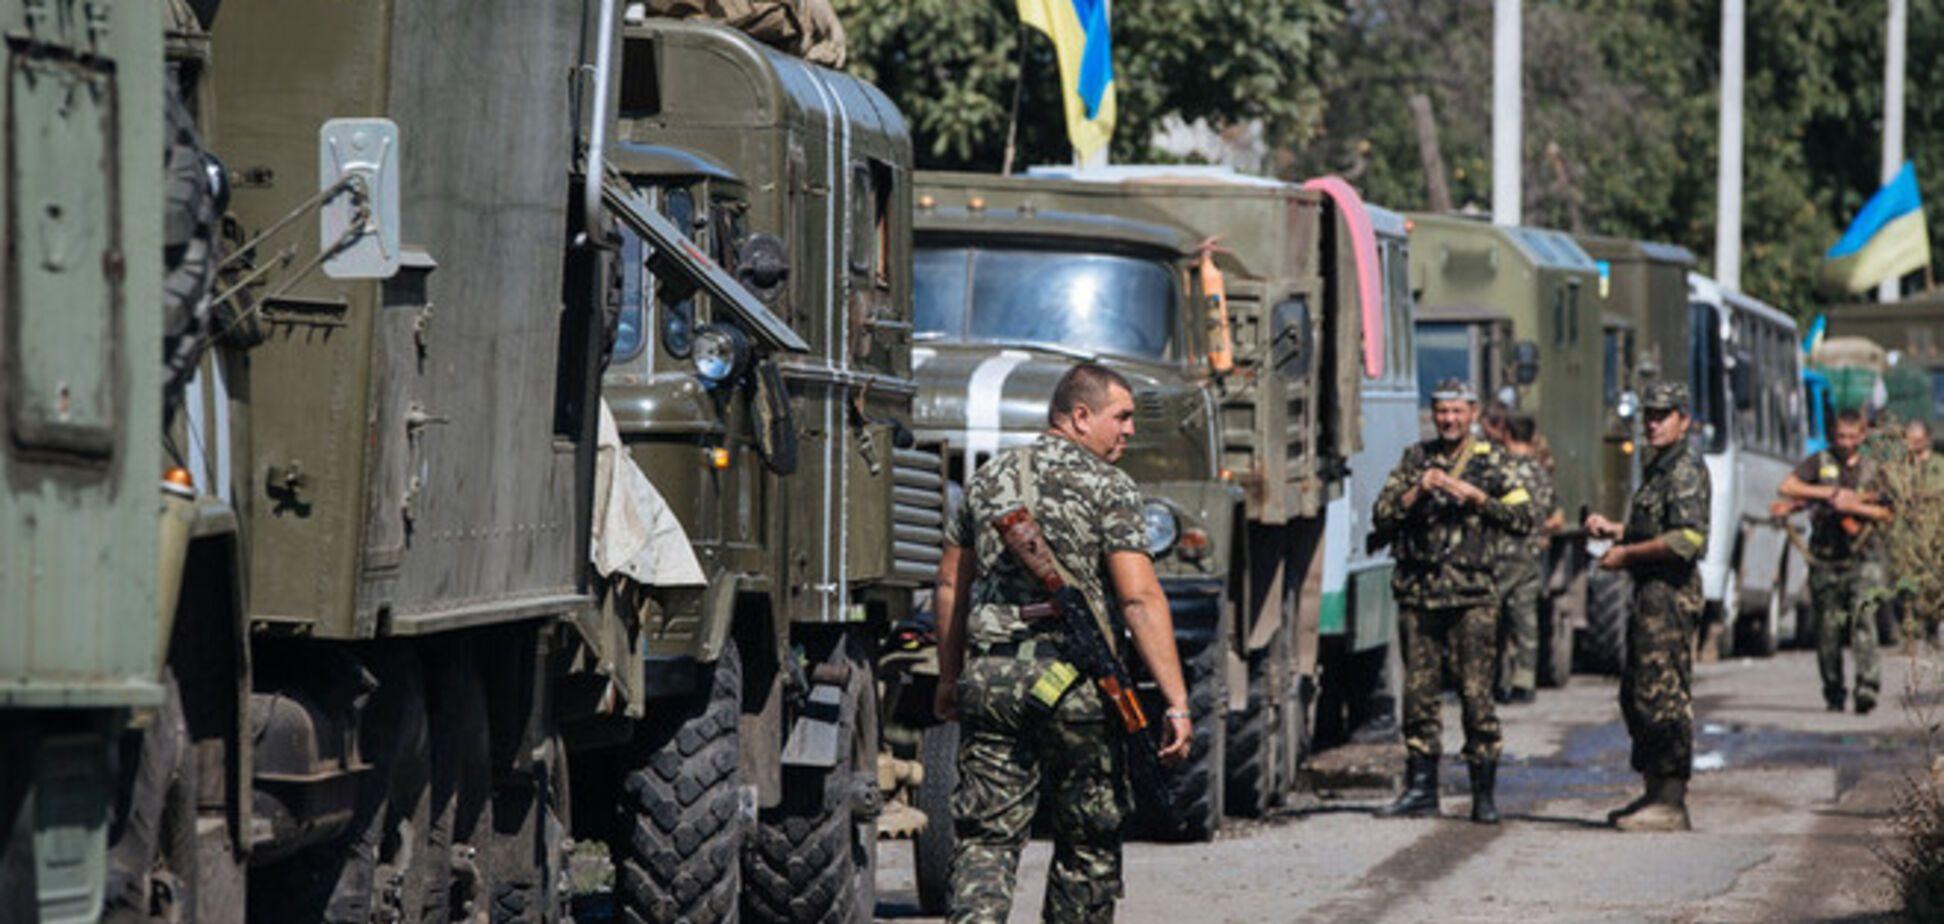 За время АТО погибли 873 украинских военнослужащих